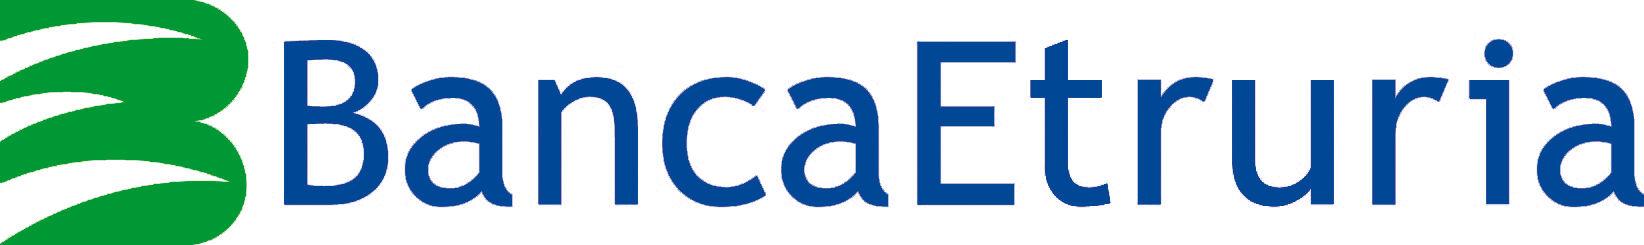 Banca Etruria - LogoBE